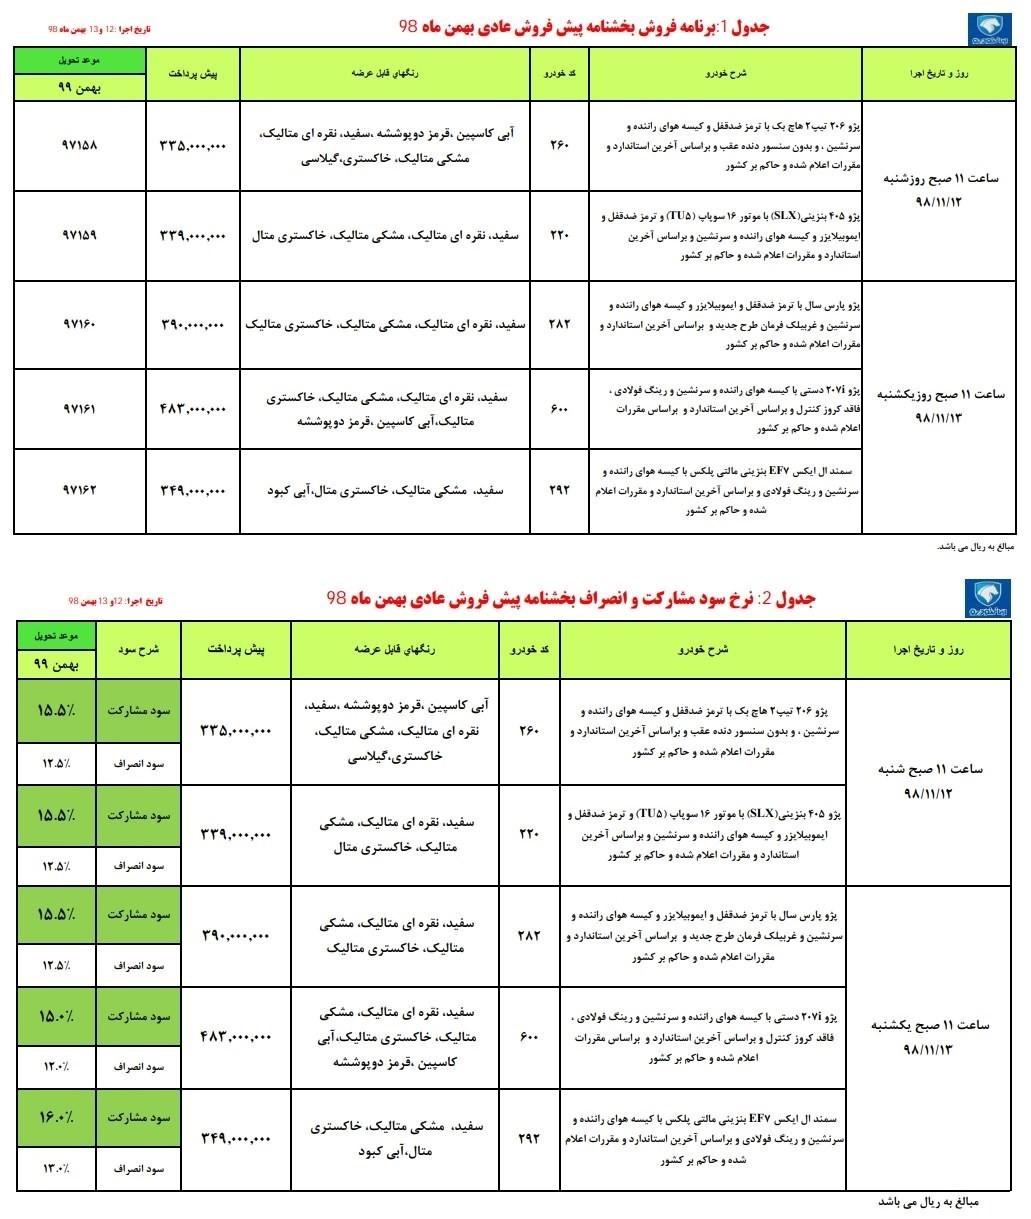 آغاز طرح جدید پیشفروش ایران خودرو از امروز ۱۲ بهمن+جدول